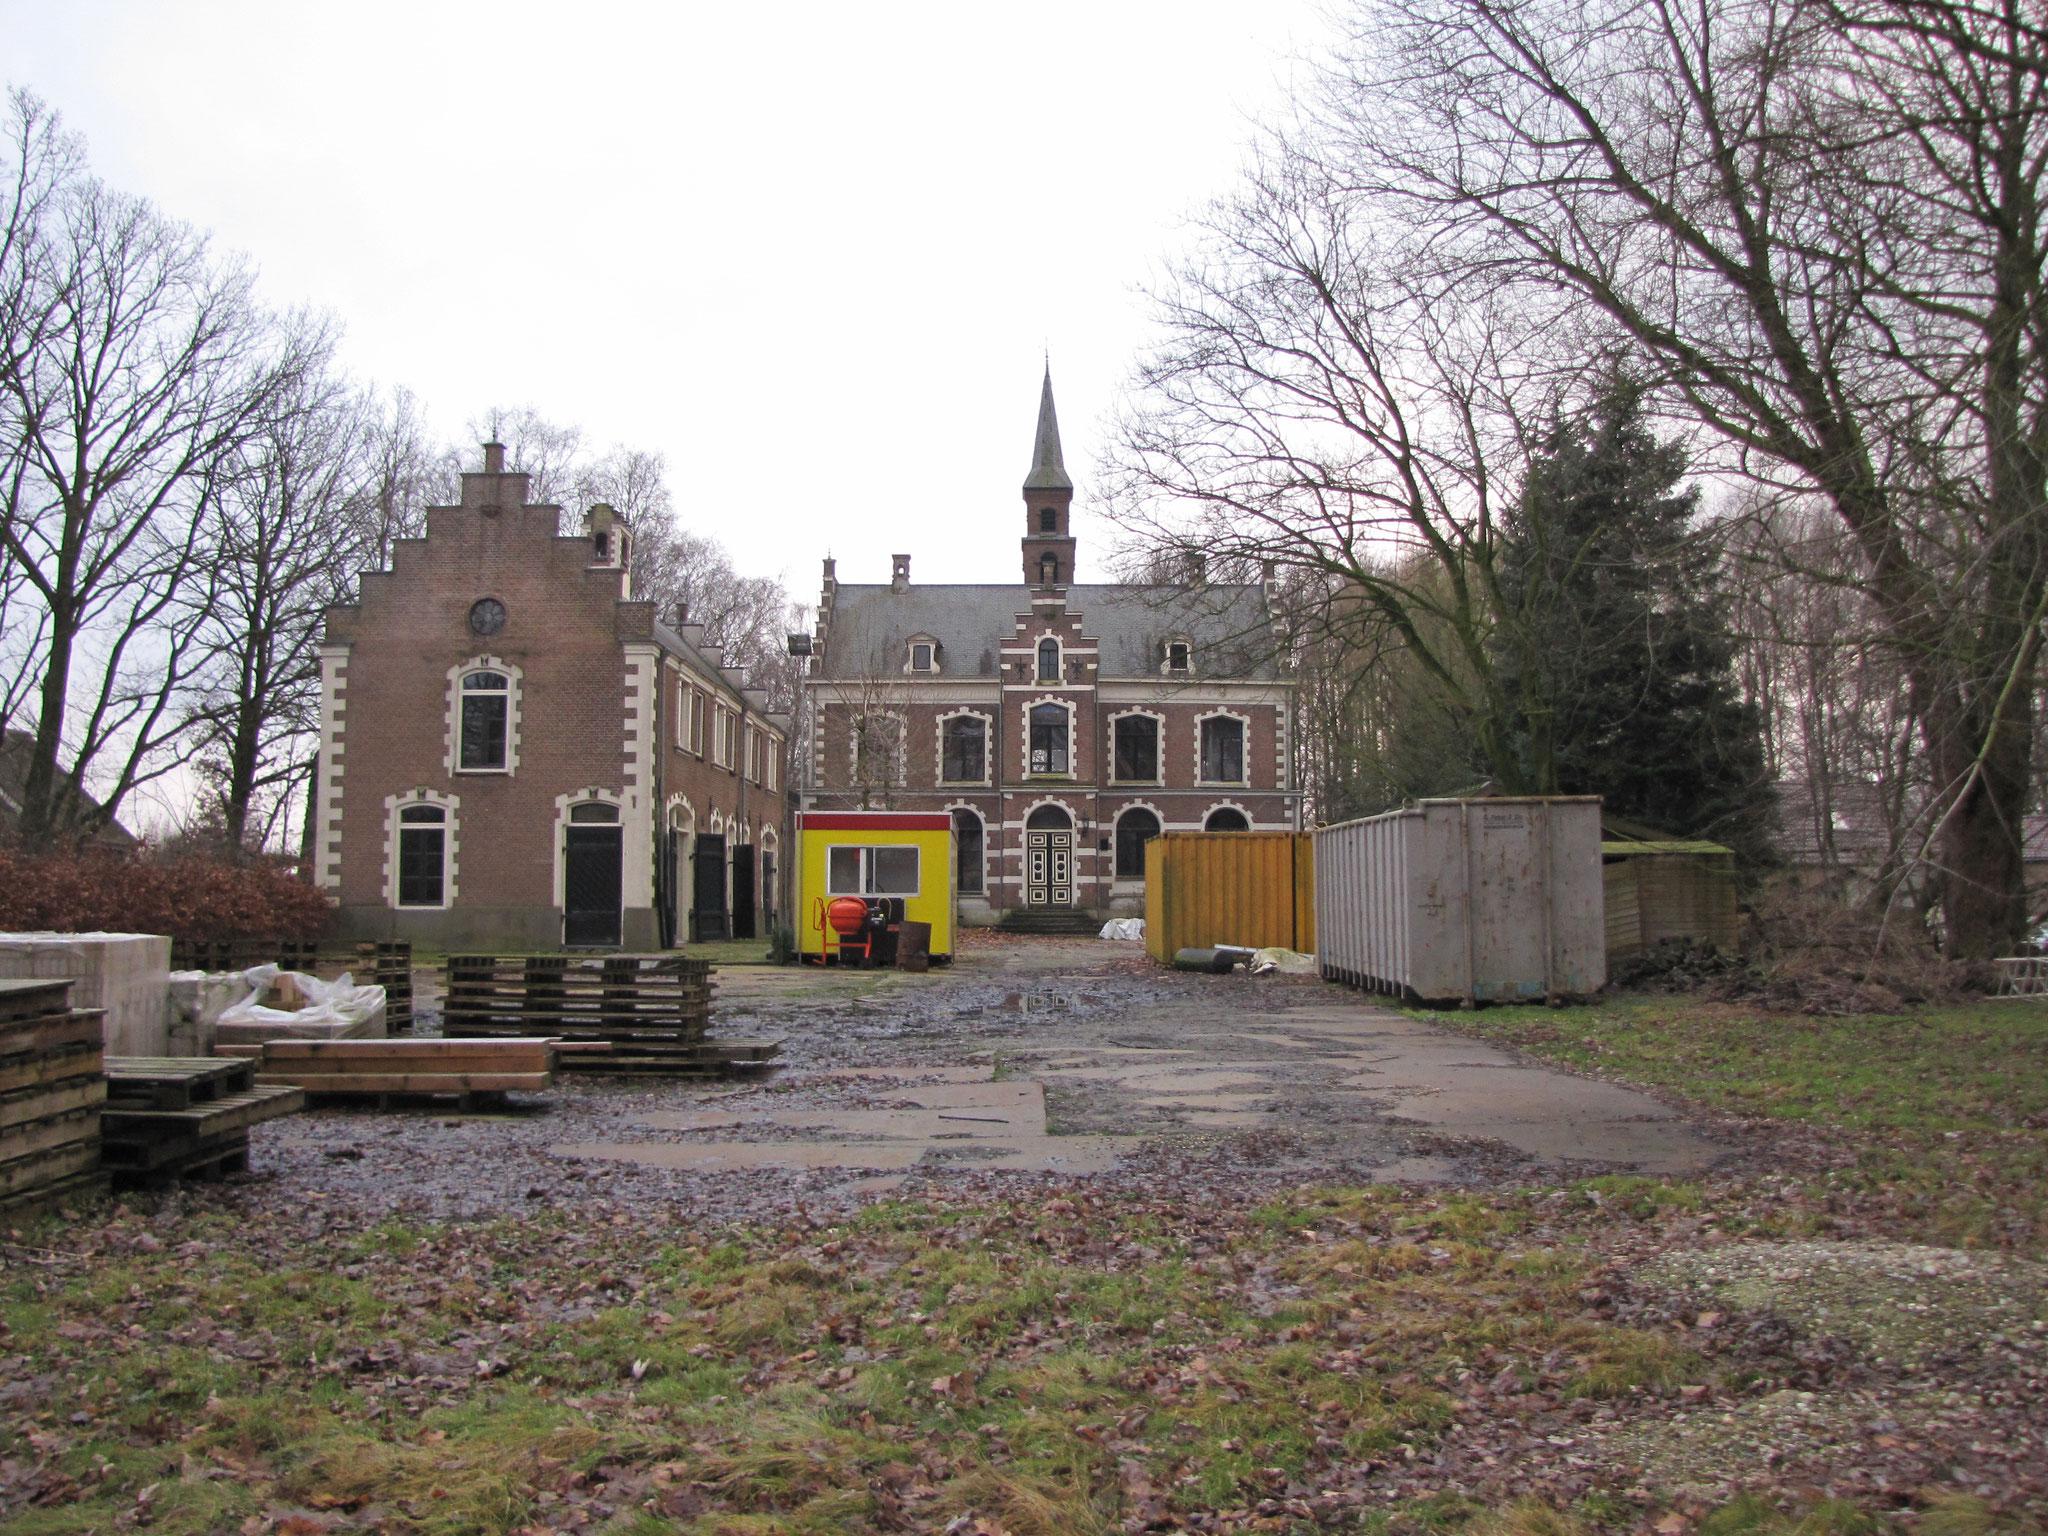 Overzicht van De Bruinhorst, gezien vanaf de tuin.